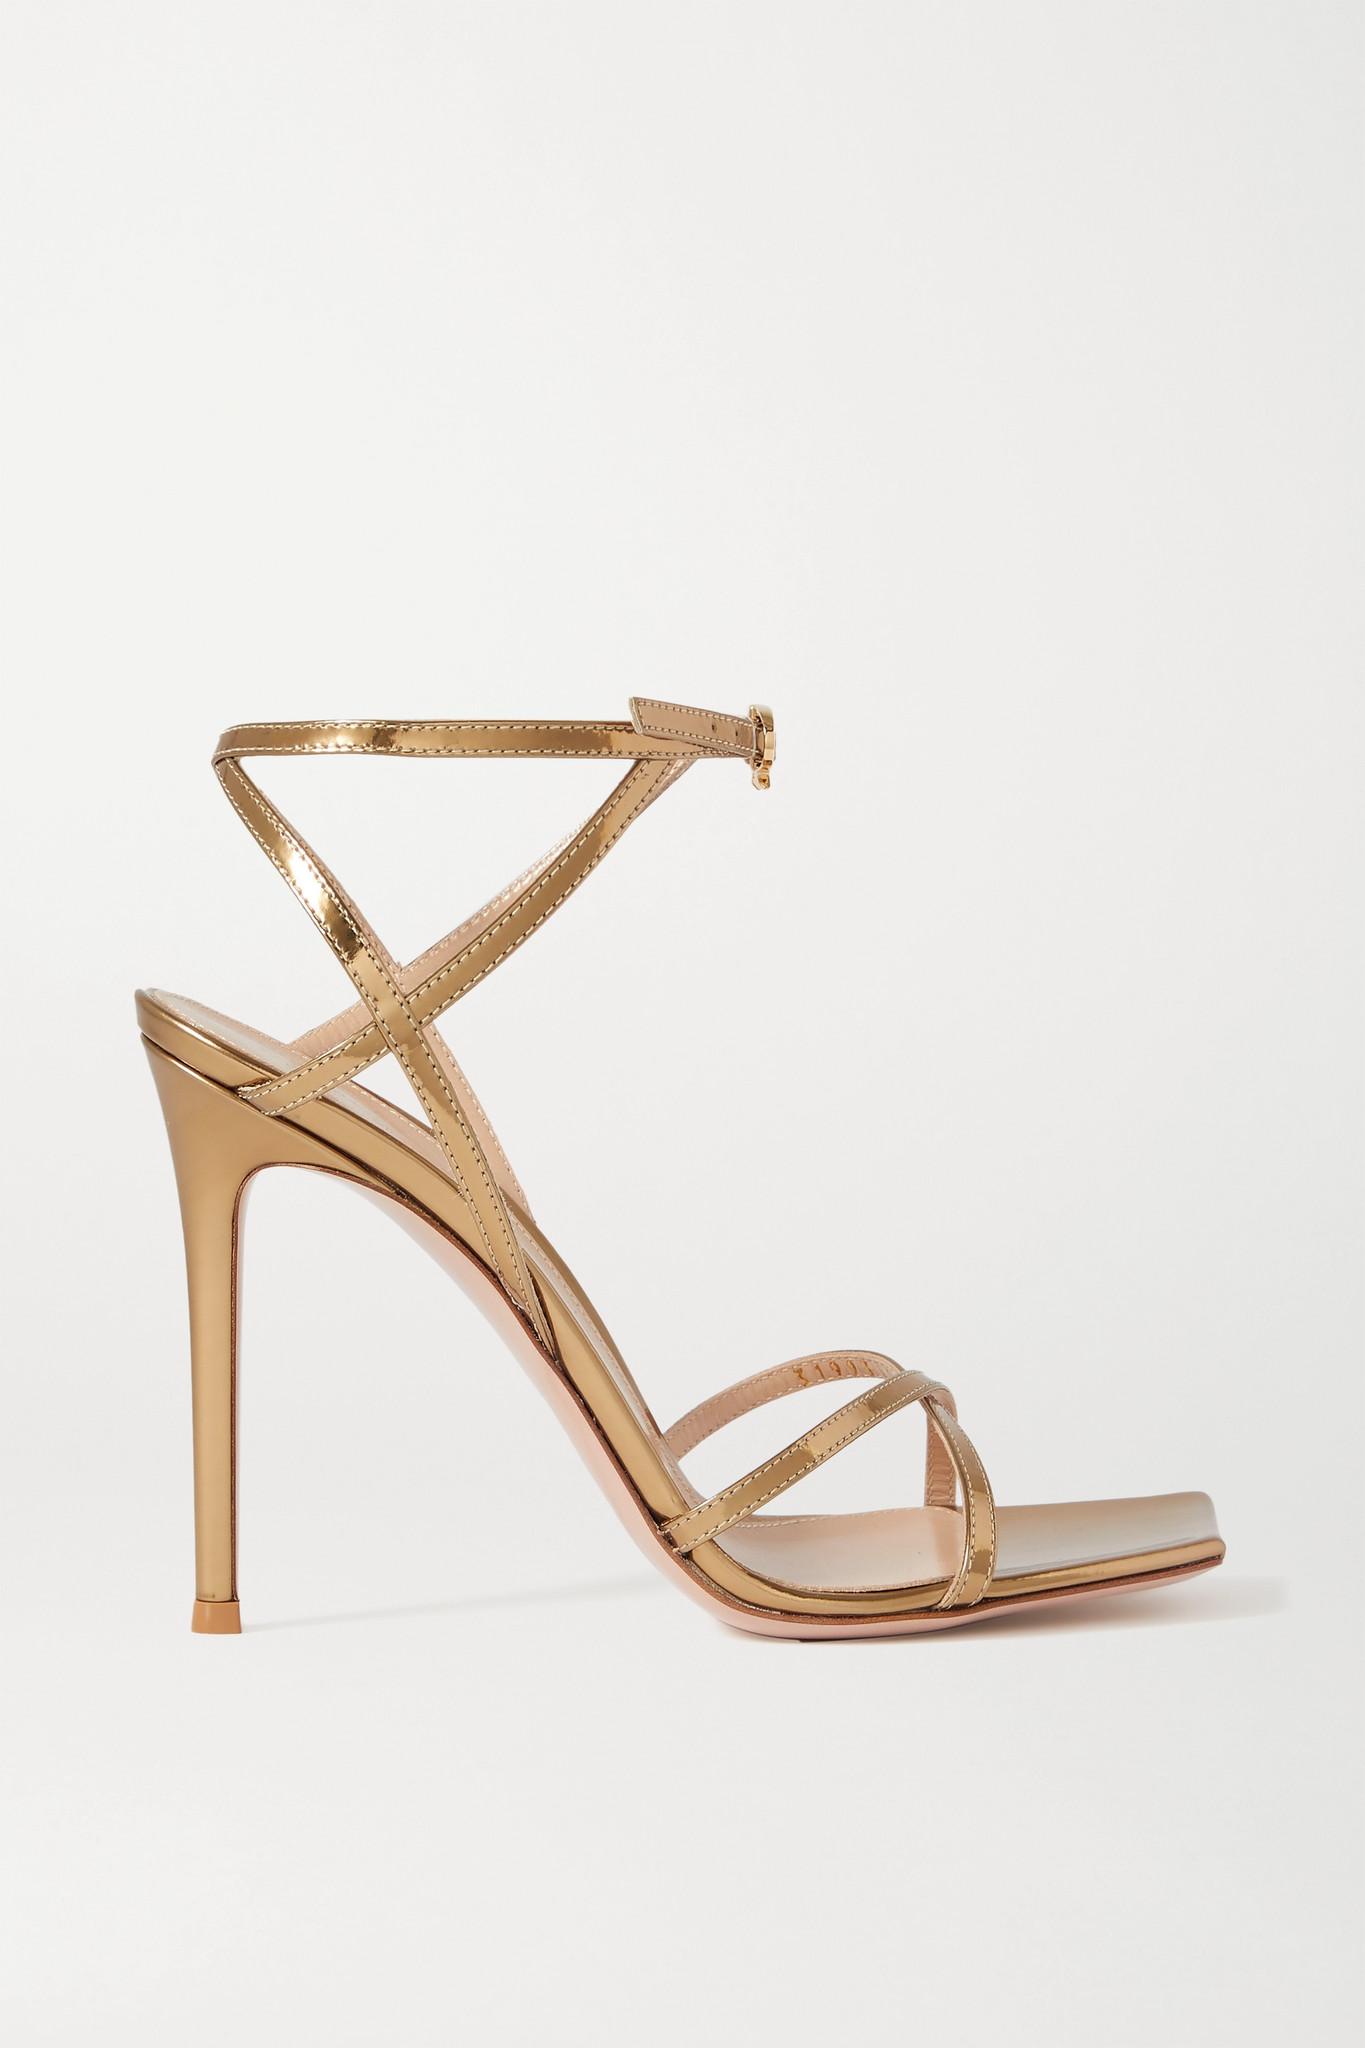 GIANVITO ROSSI - Georgina 105 金属感皮革凉鞋 - 金色 - IT36